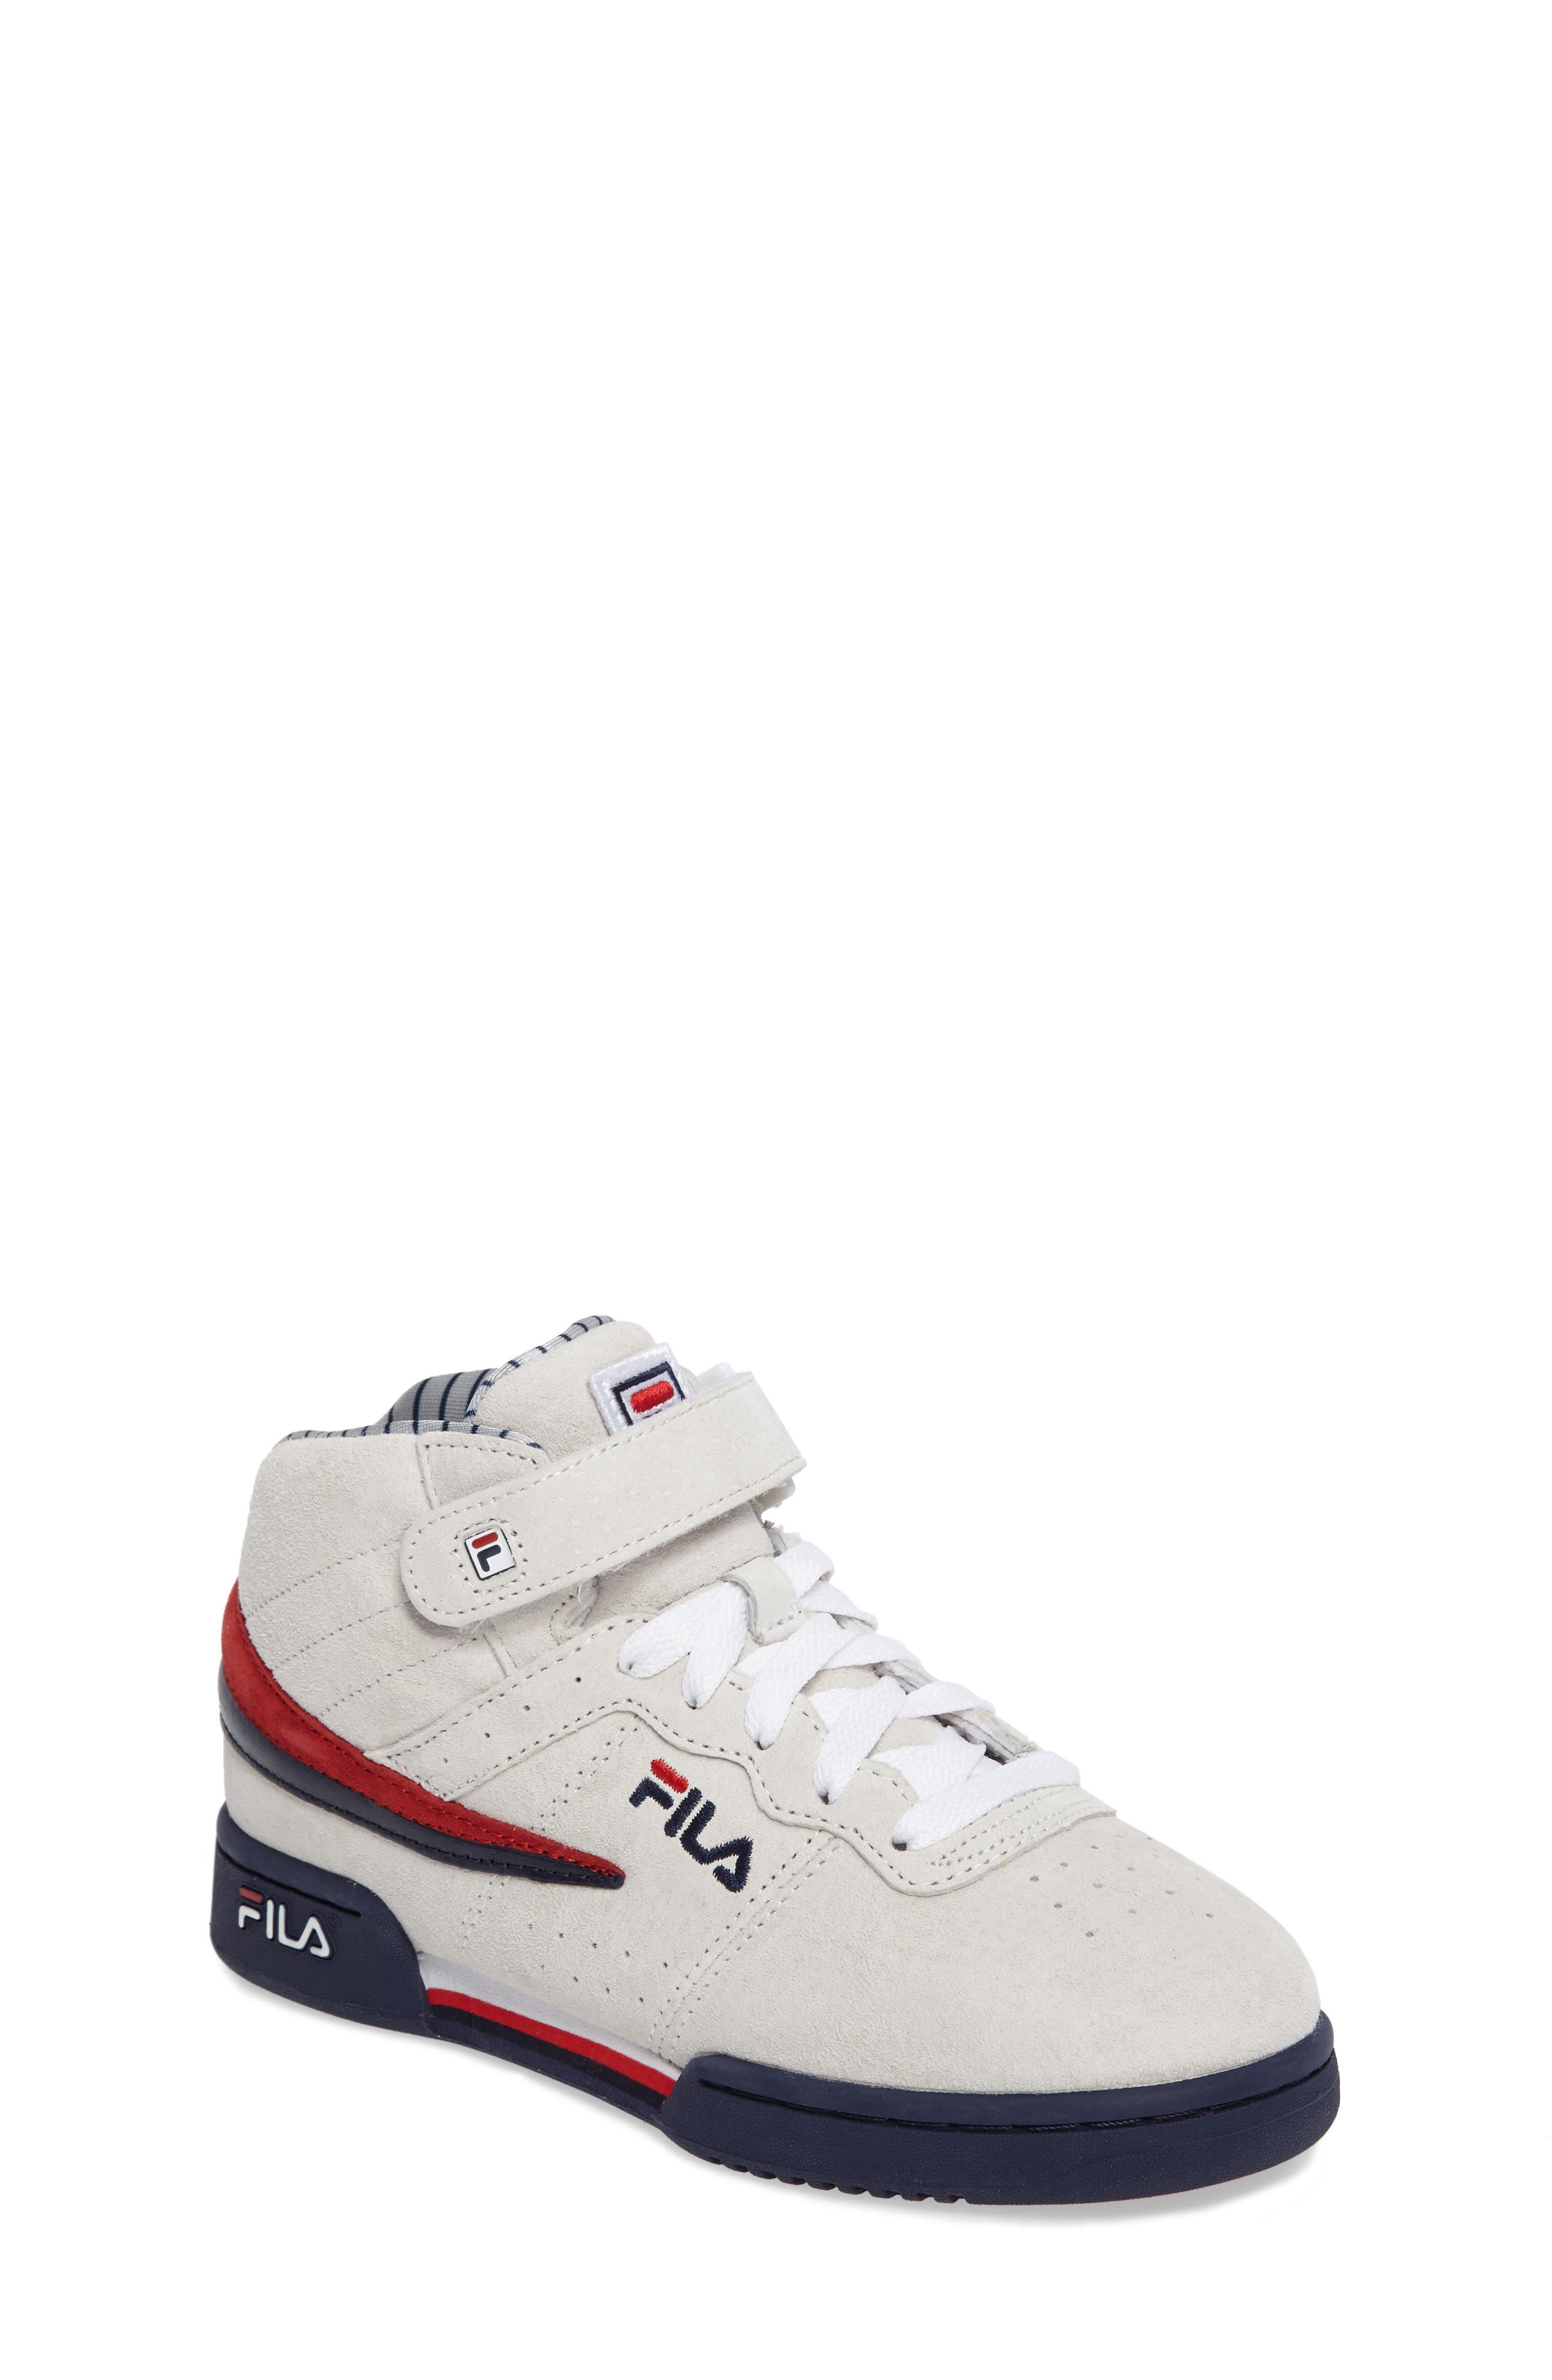 FILA F-13 Mid Pinstripe Sneaker, Main, color, 150